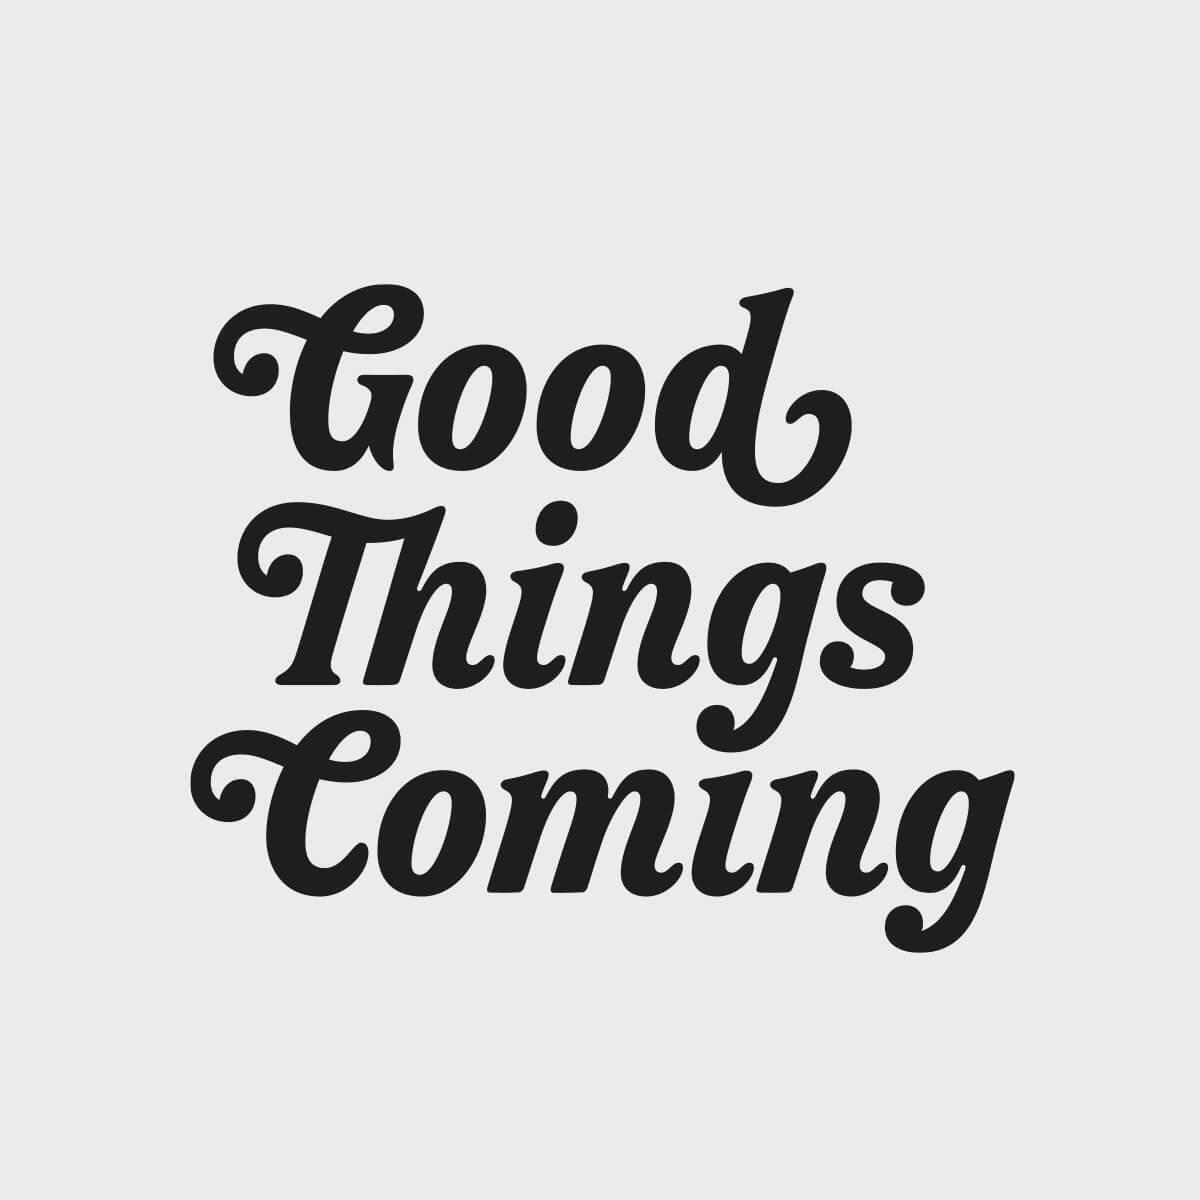 Good Things Coming Logotype